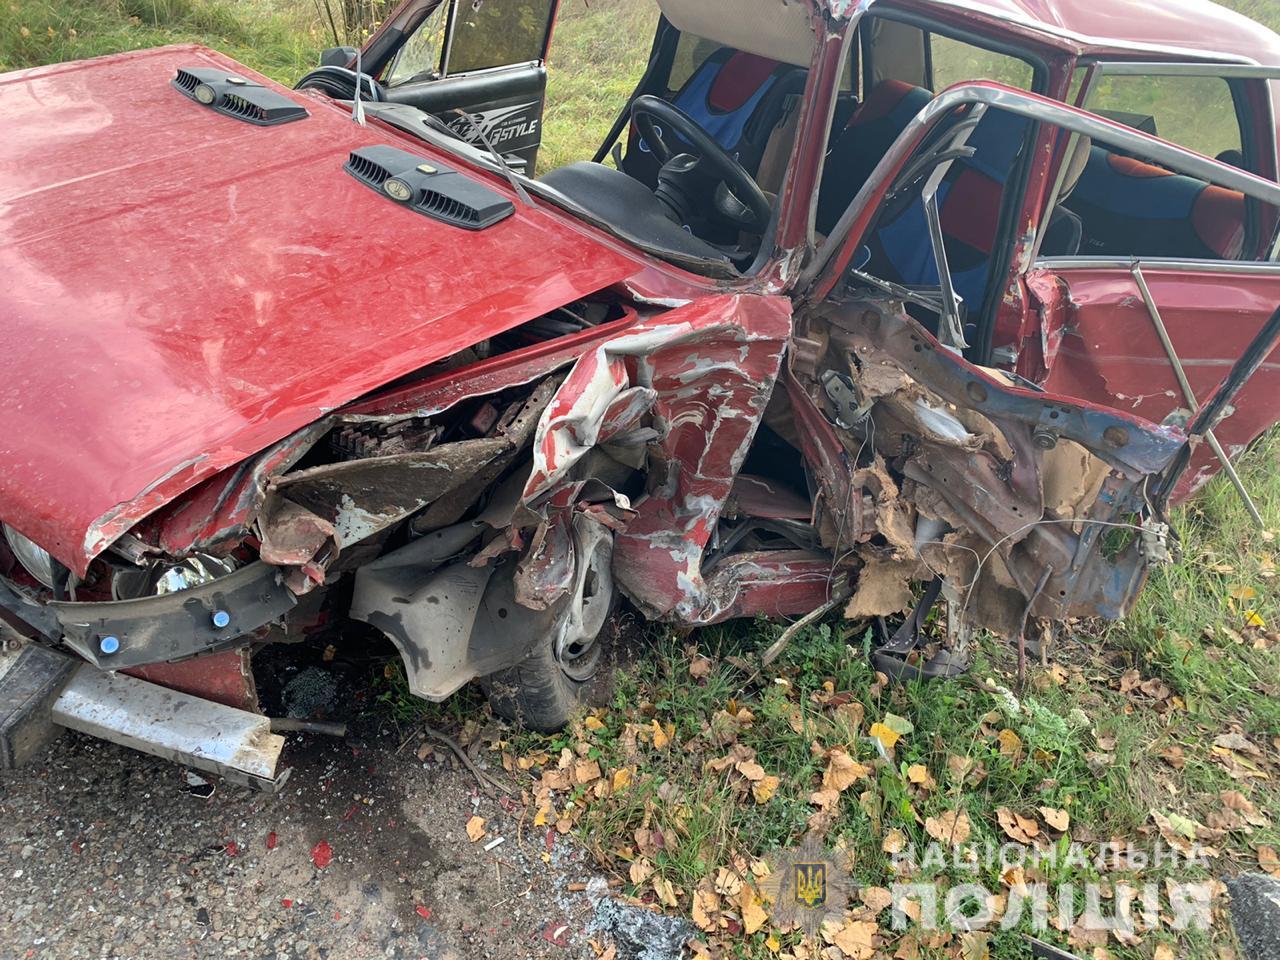 Київщина: за добу в ДТП загинуло четверо людей - смертельна ДТП, смертельна аварія, пішохід, кримінальне провадження, велосипедист - 125935105 3525734710815009 4849699816633178374 o 1